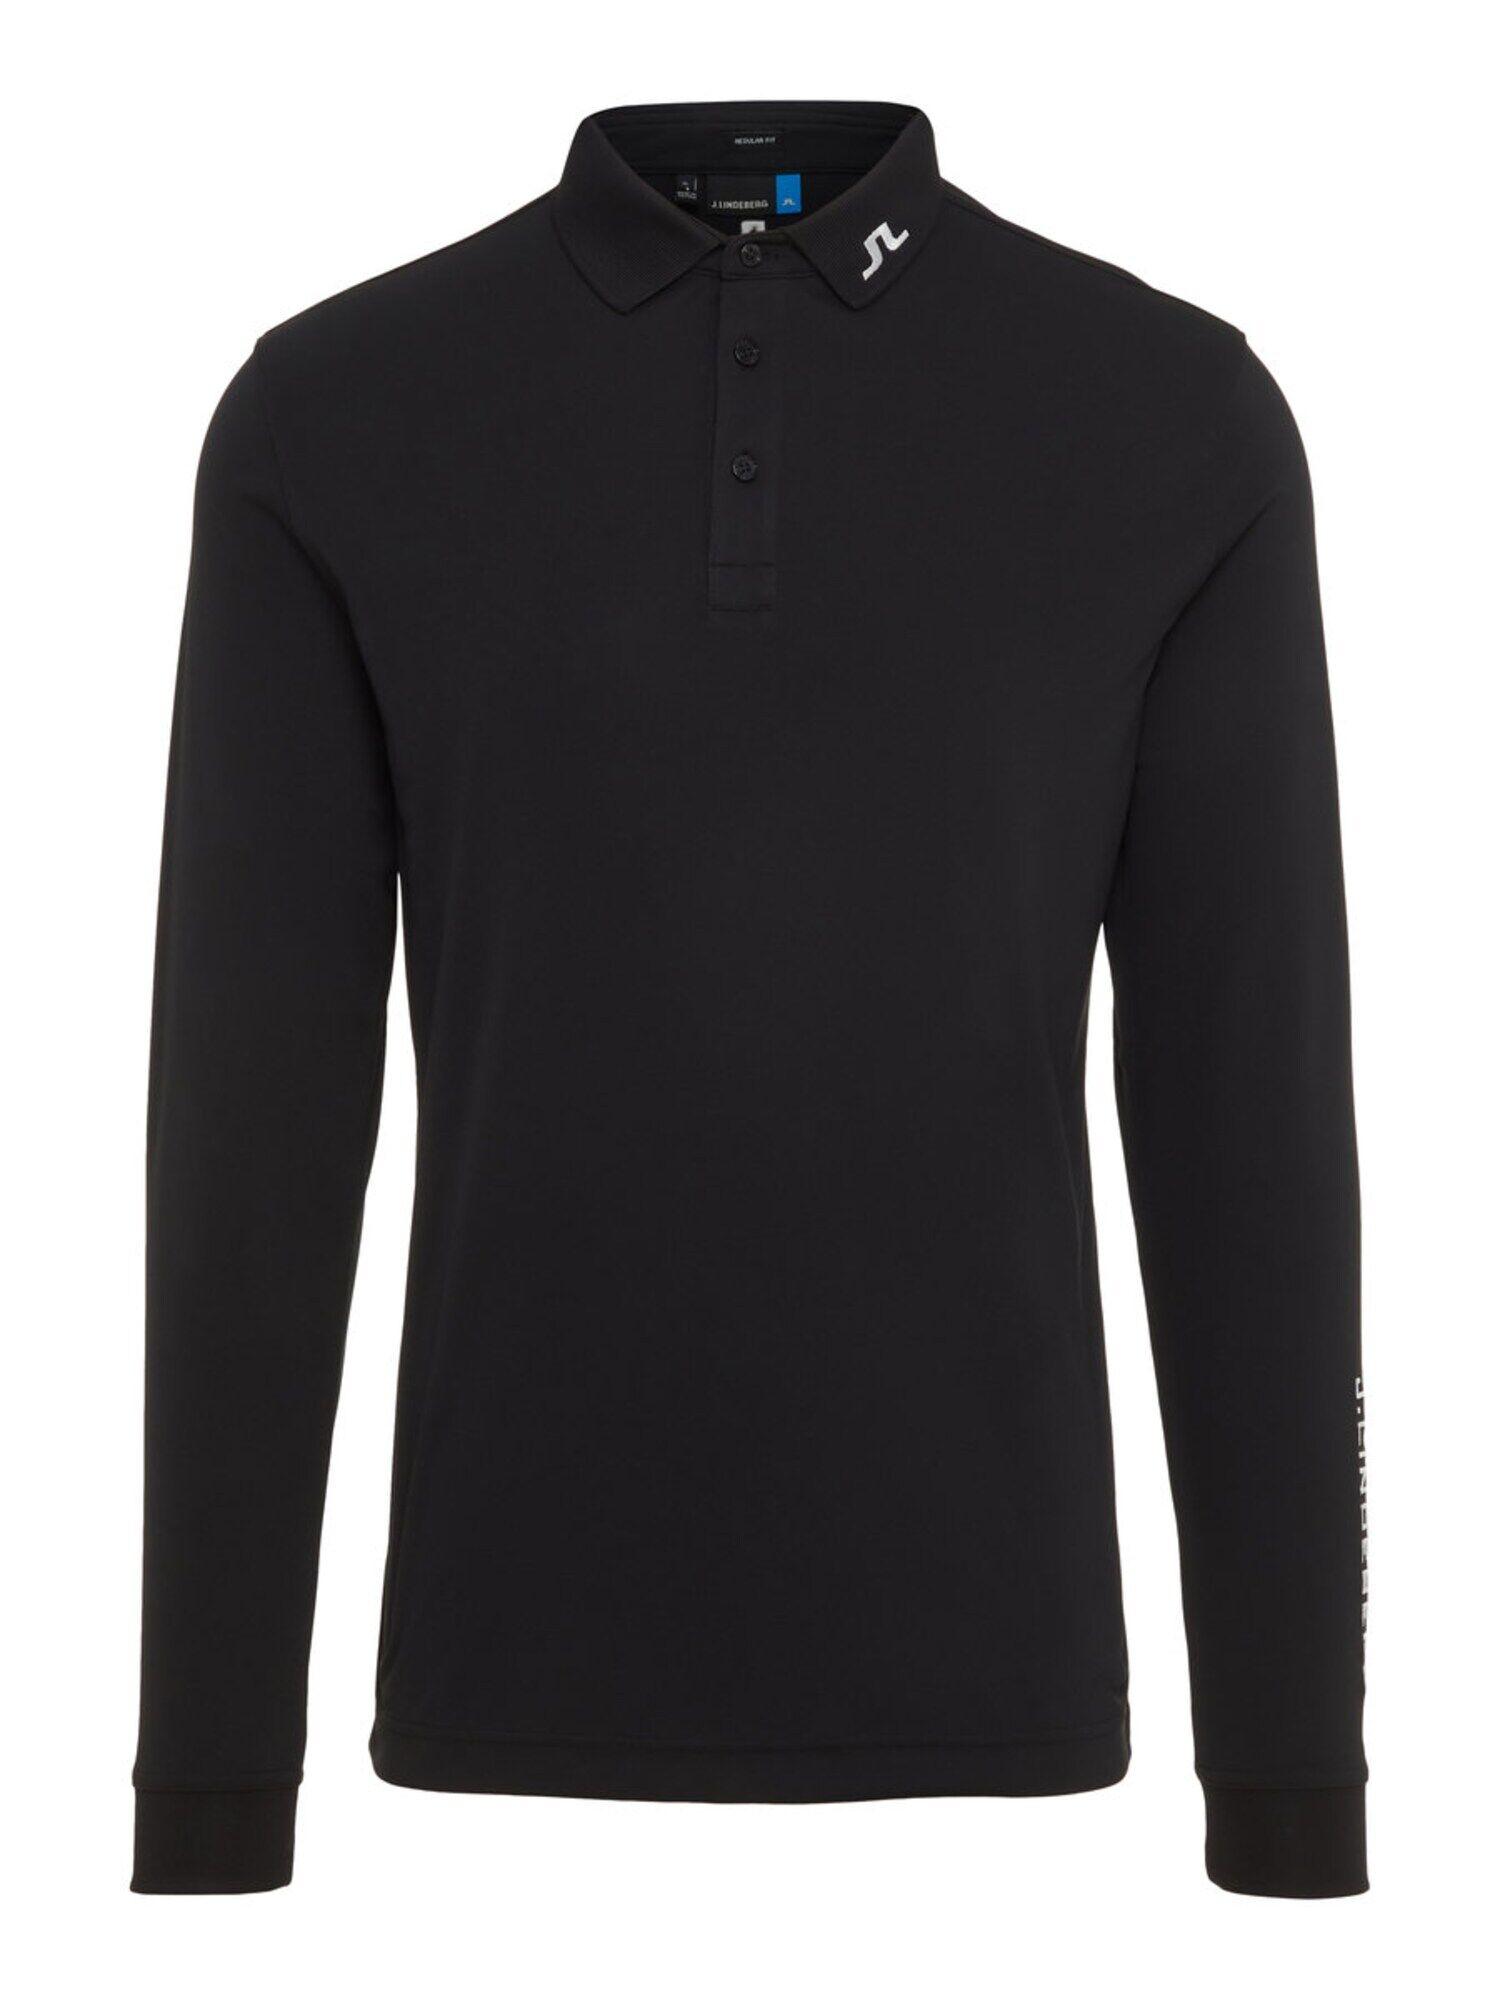 J.Lindeberg T-Shirt fonctionnel 'M Tour Tech LS reg TX Jersey'  - Noir - Taille: S - male